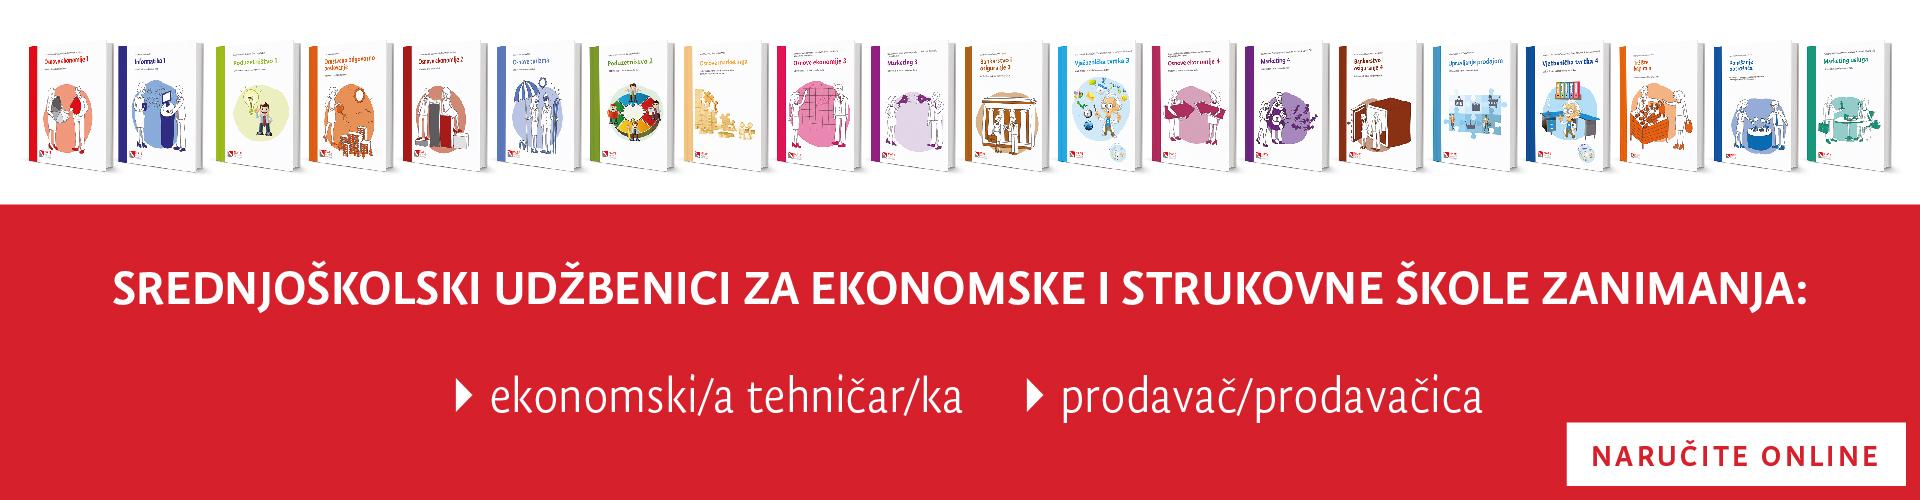 udžbenici 2019